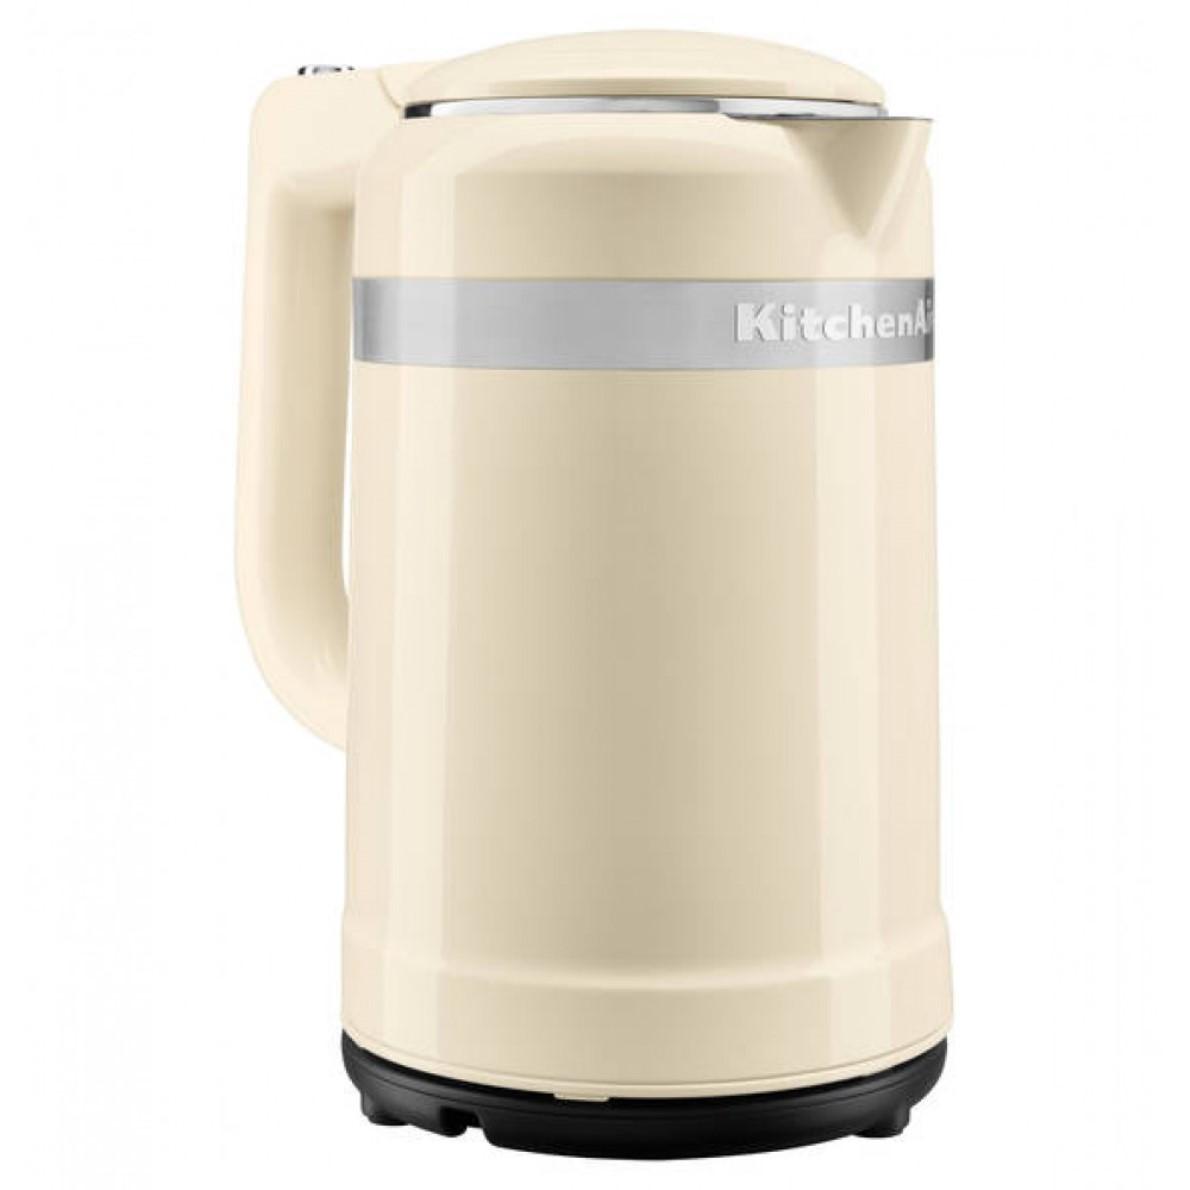 Онлайн каталог PROMENU: Чайник электрический с двойными стенками KitchenAid Design, объем 1,5 л, 2400 Вт, кремовый                               5KEK1565EAC